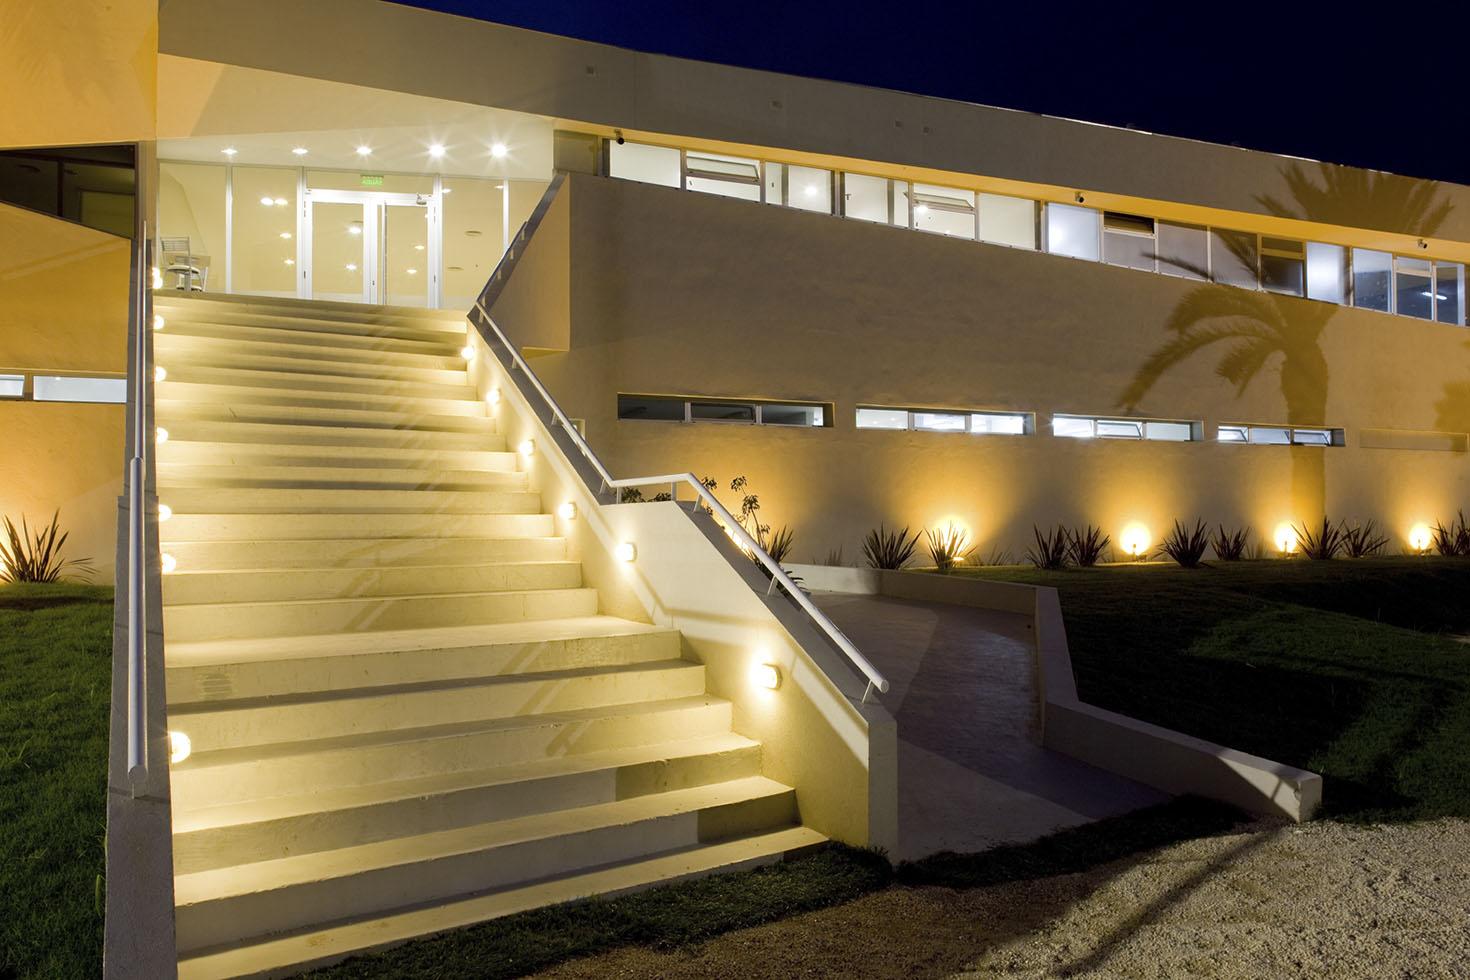 Iluminación cálida en arquitectura, fachadas de tarquini, arquitectura deportiva